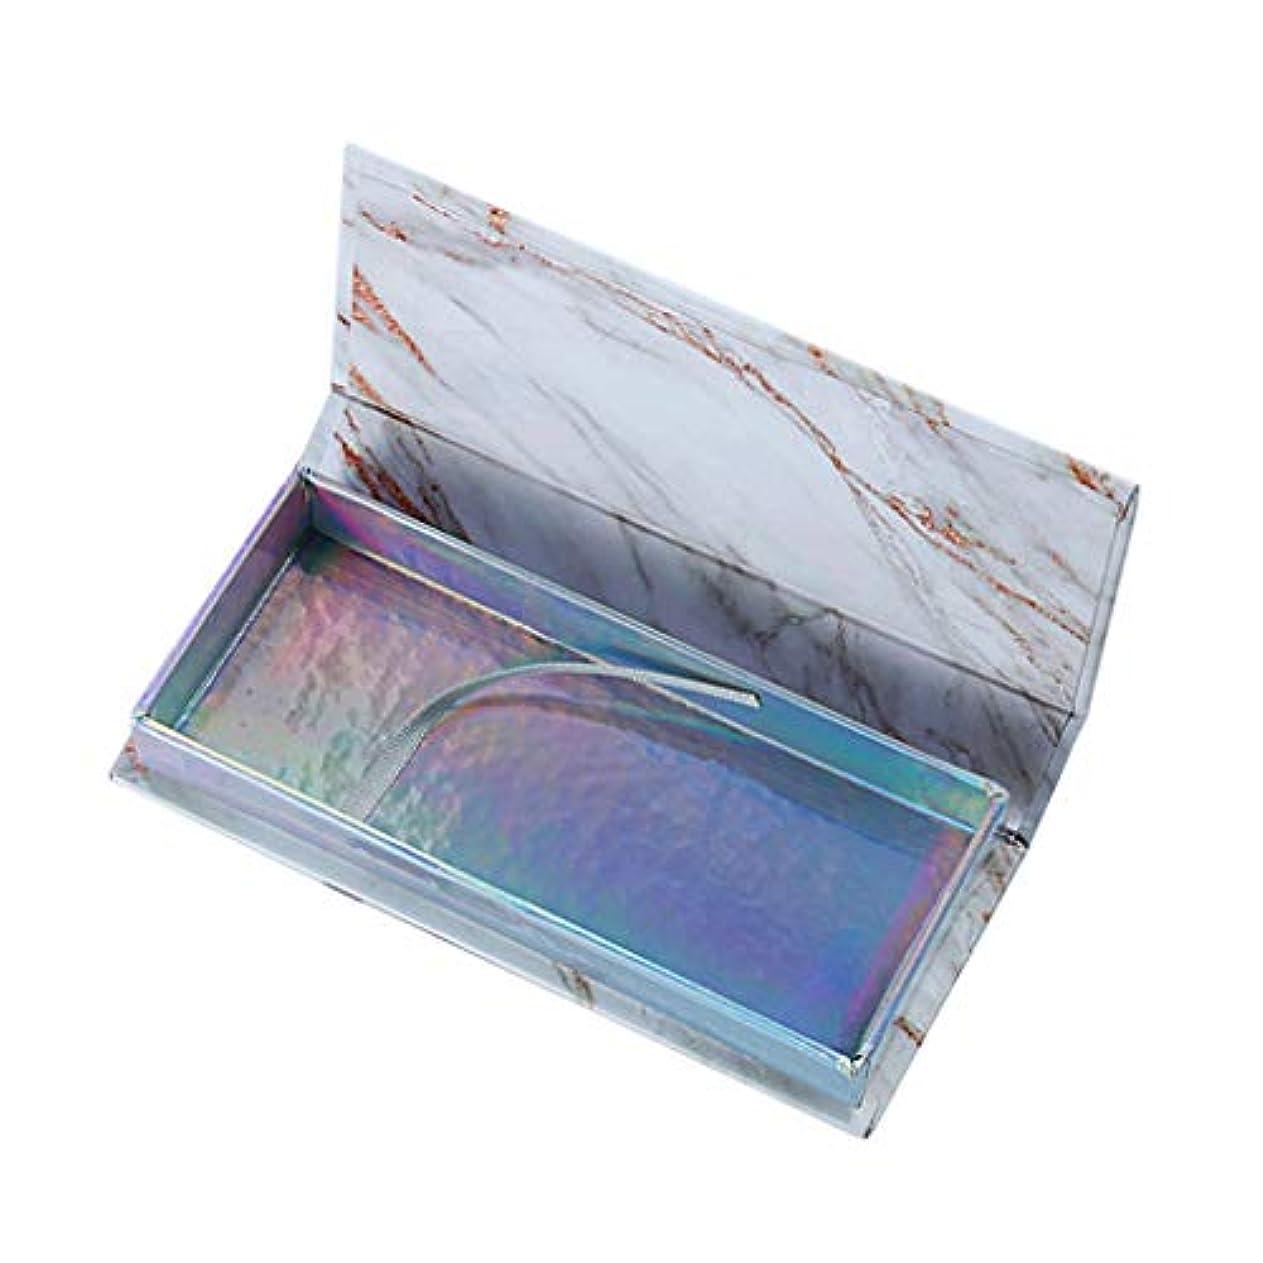 フレットバスタブブレンド空のつけまつげケア収納ケースボックスコンテナホルダーコンパートメントツール